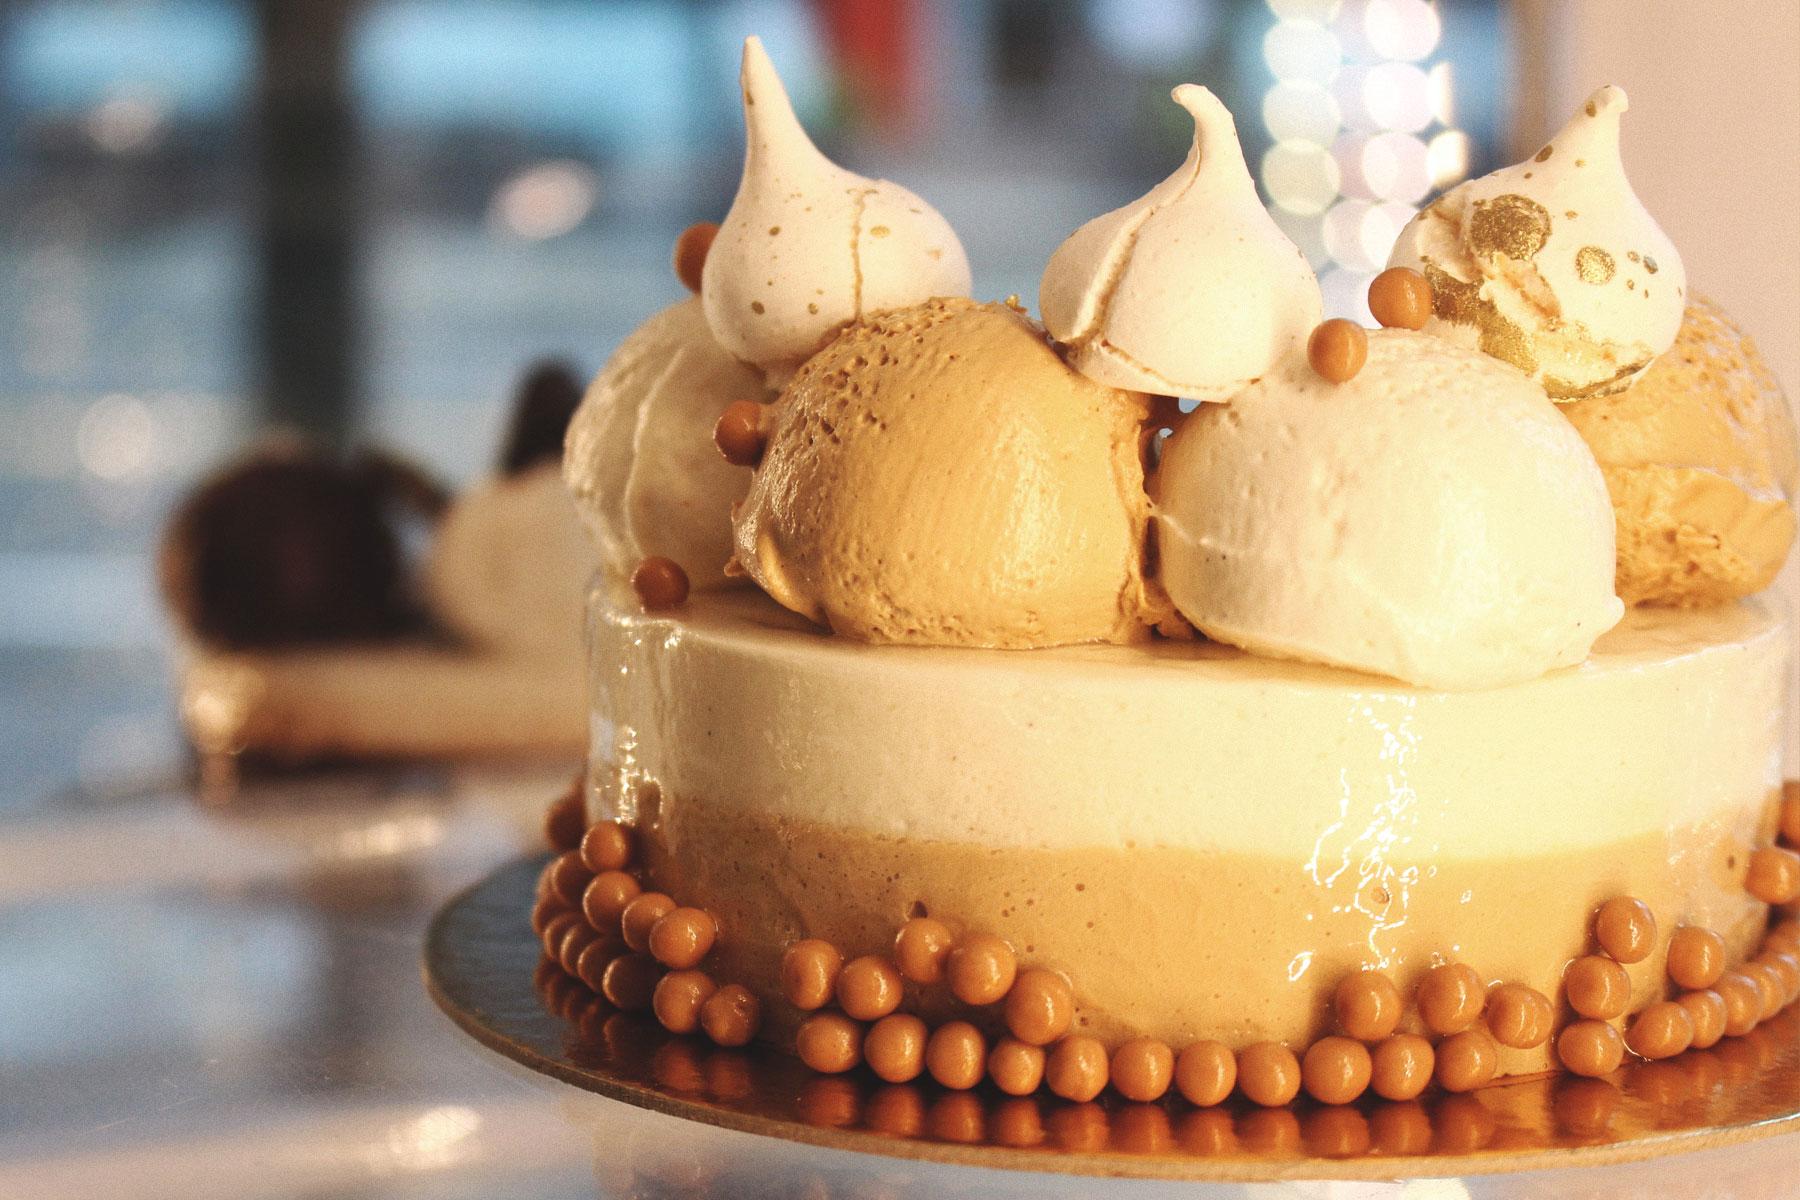 gelato cake with hazelnuts